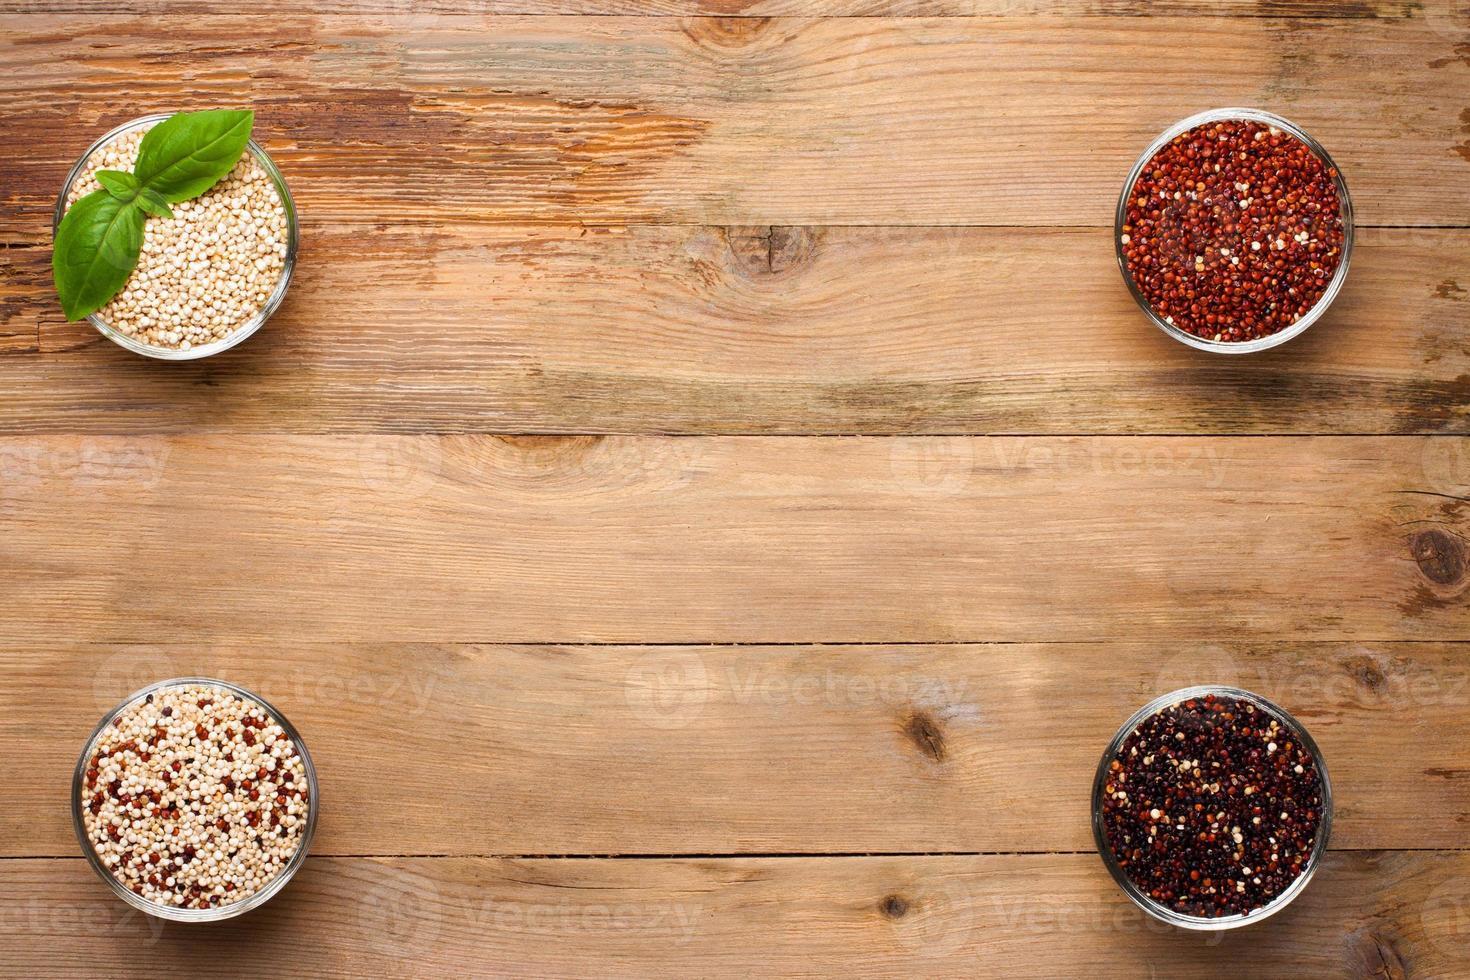 grano de quinua cruda blanca, roja, negra y mixta foto